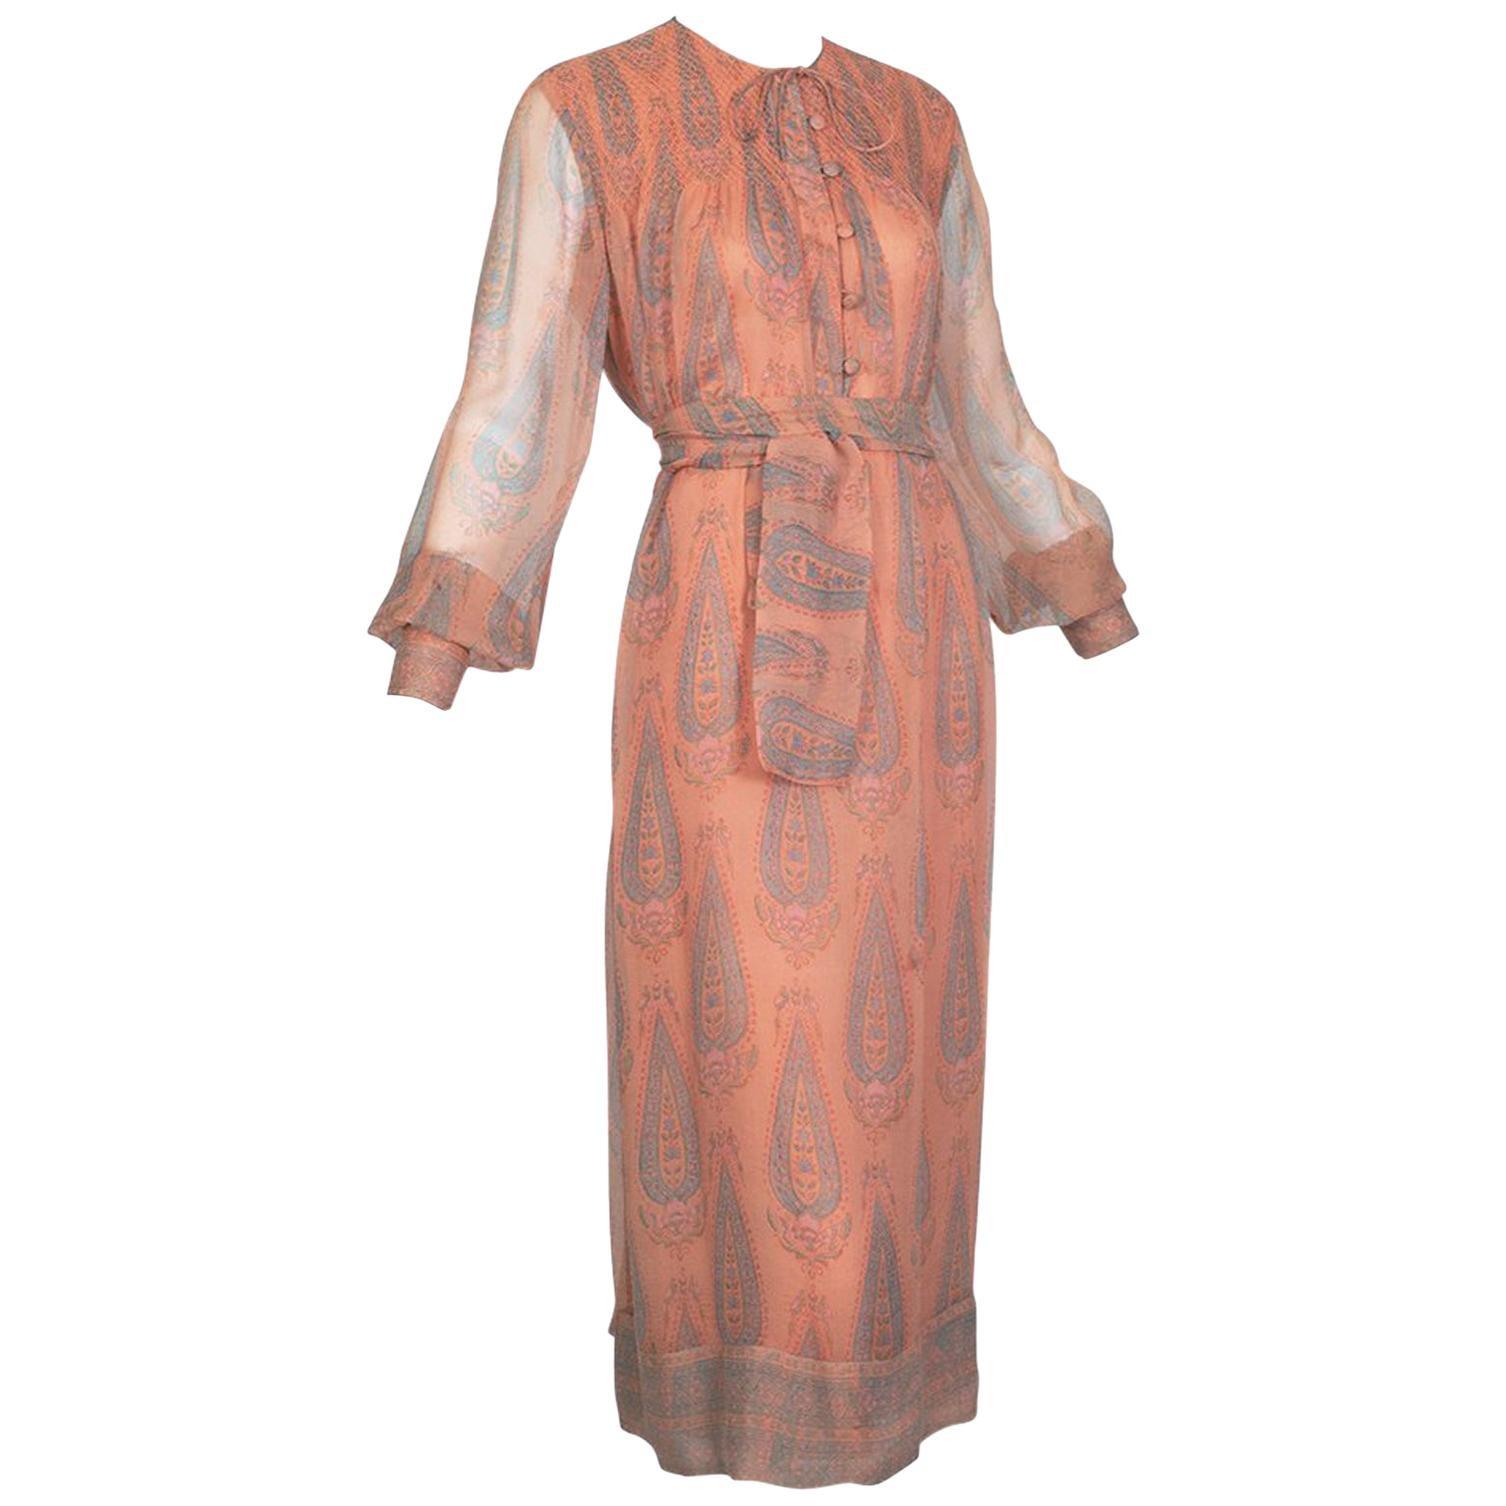 Treacy Lowe Peach Paisley Smocked Pussy Bow Midi Dress - Med-Large, 1970s